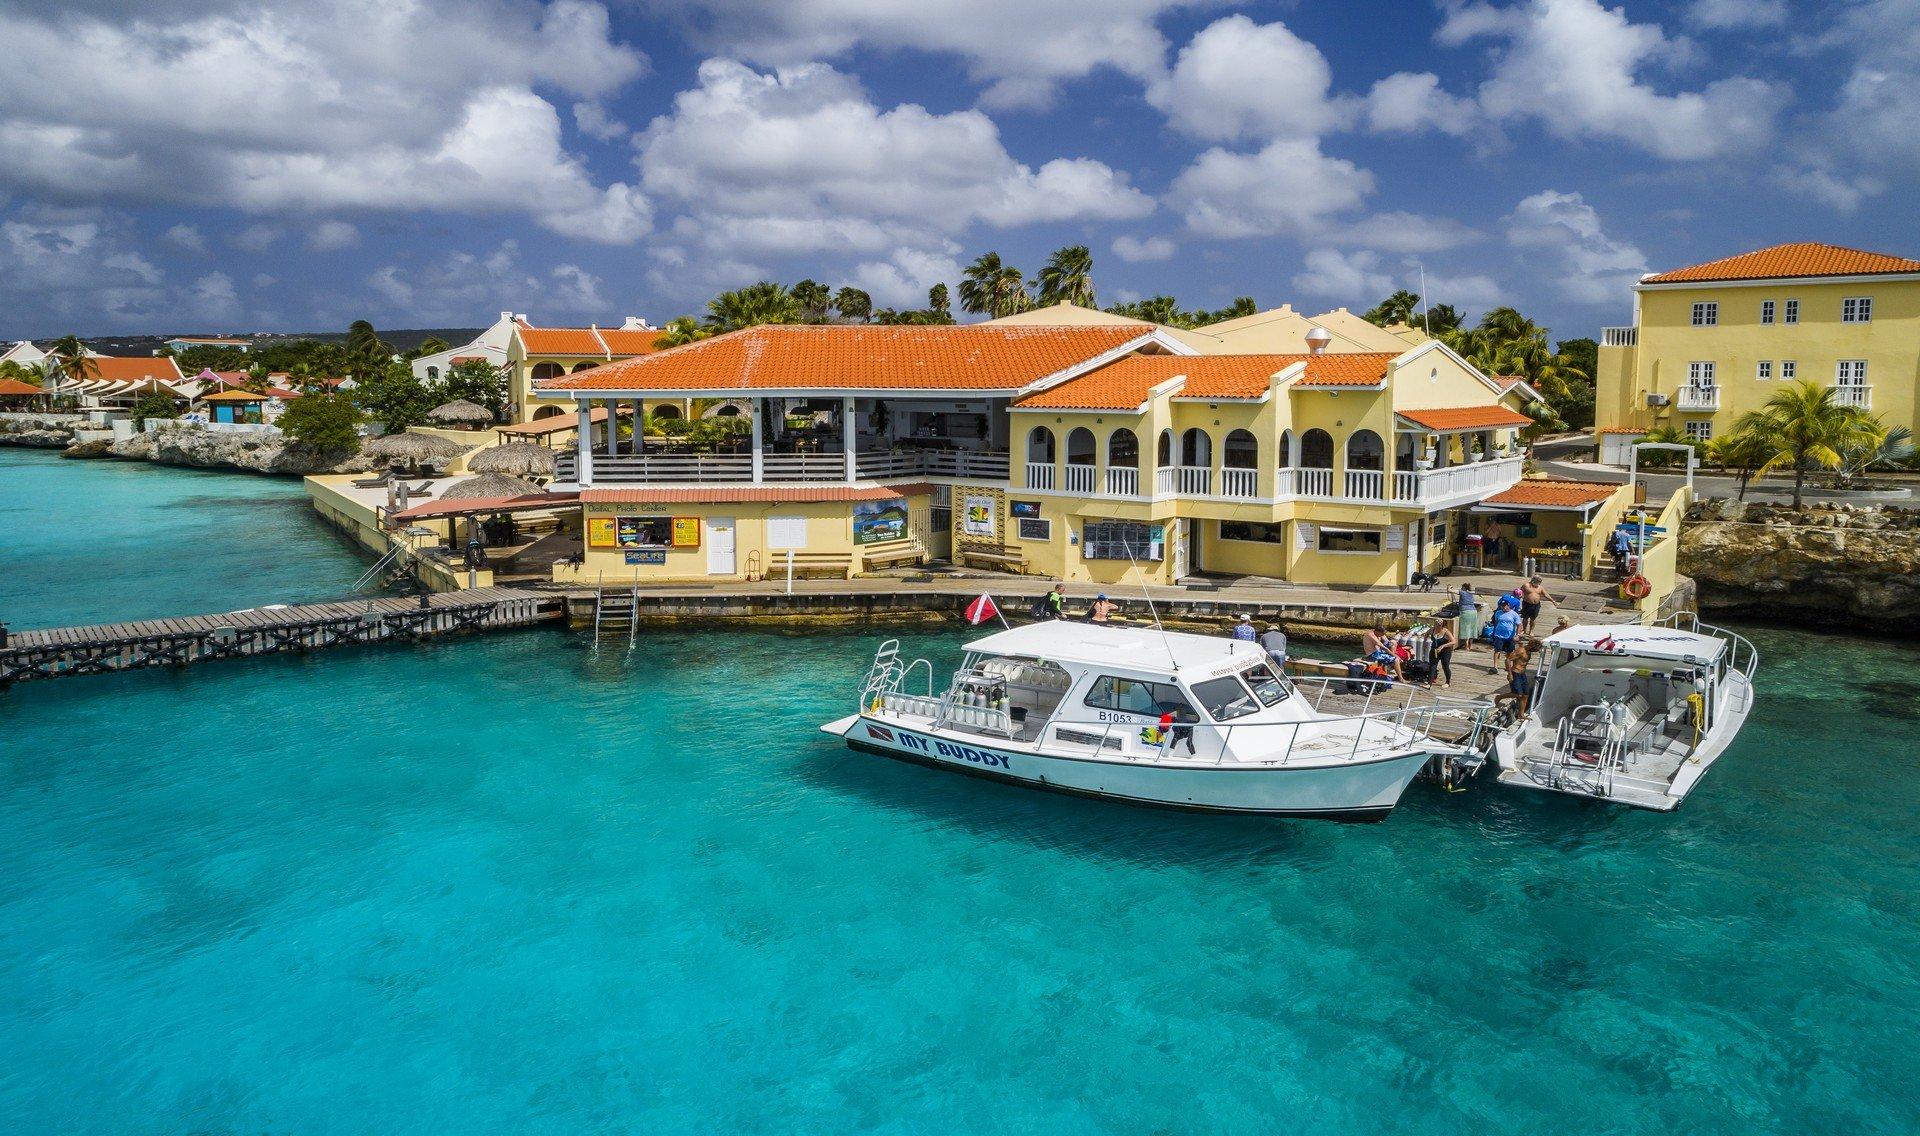 Buddy Dive Resort - Kralendijk Bonaire